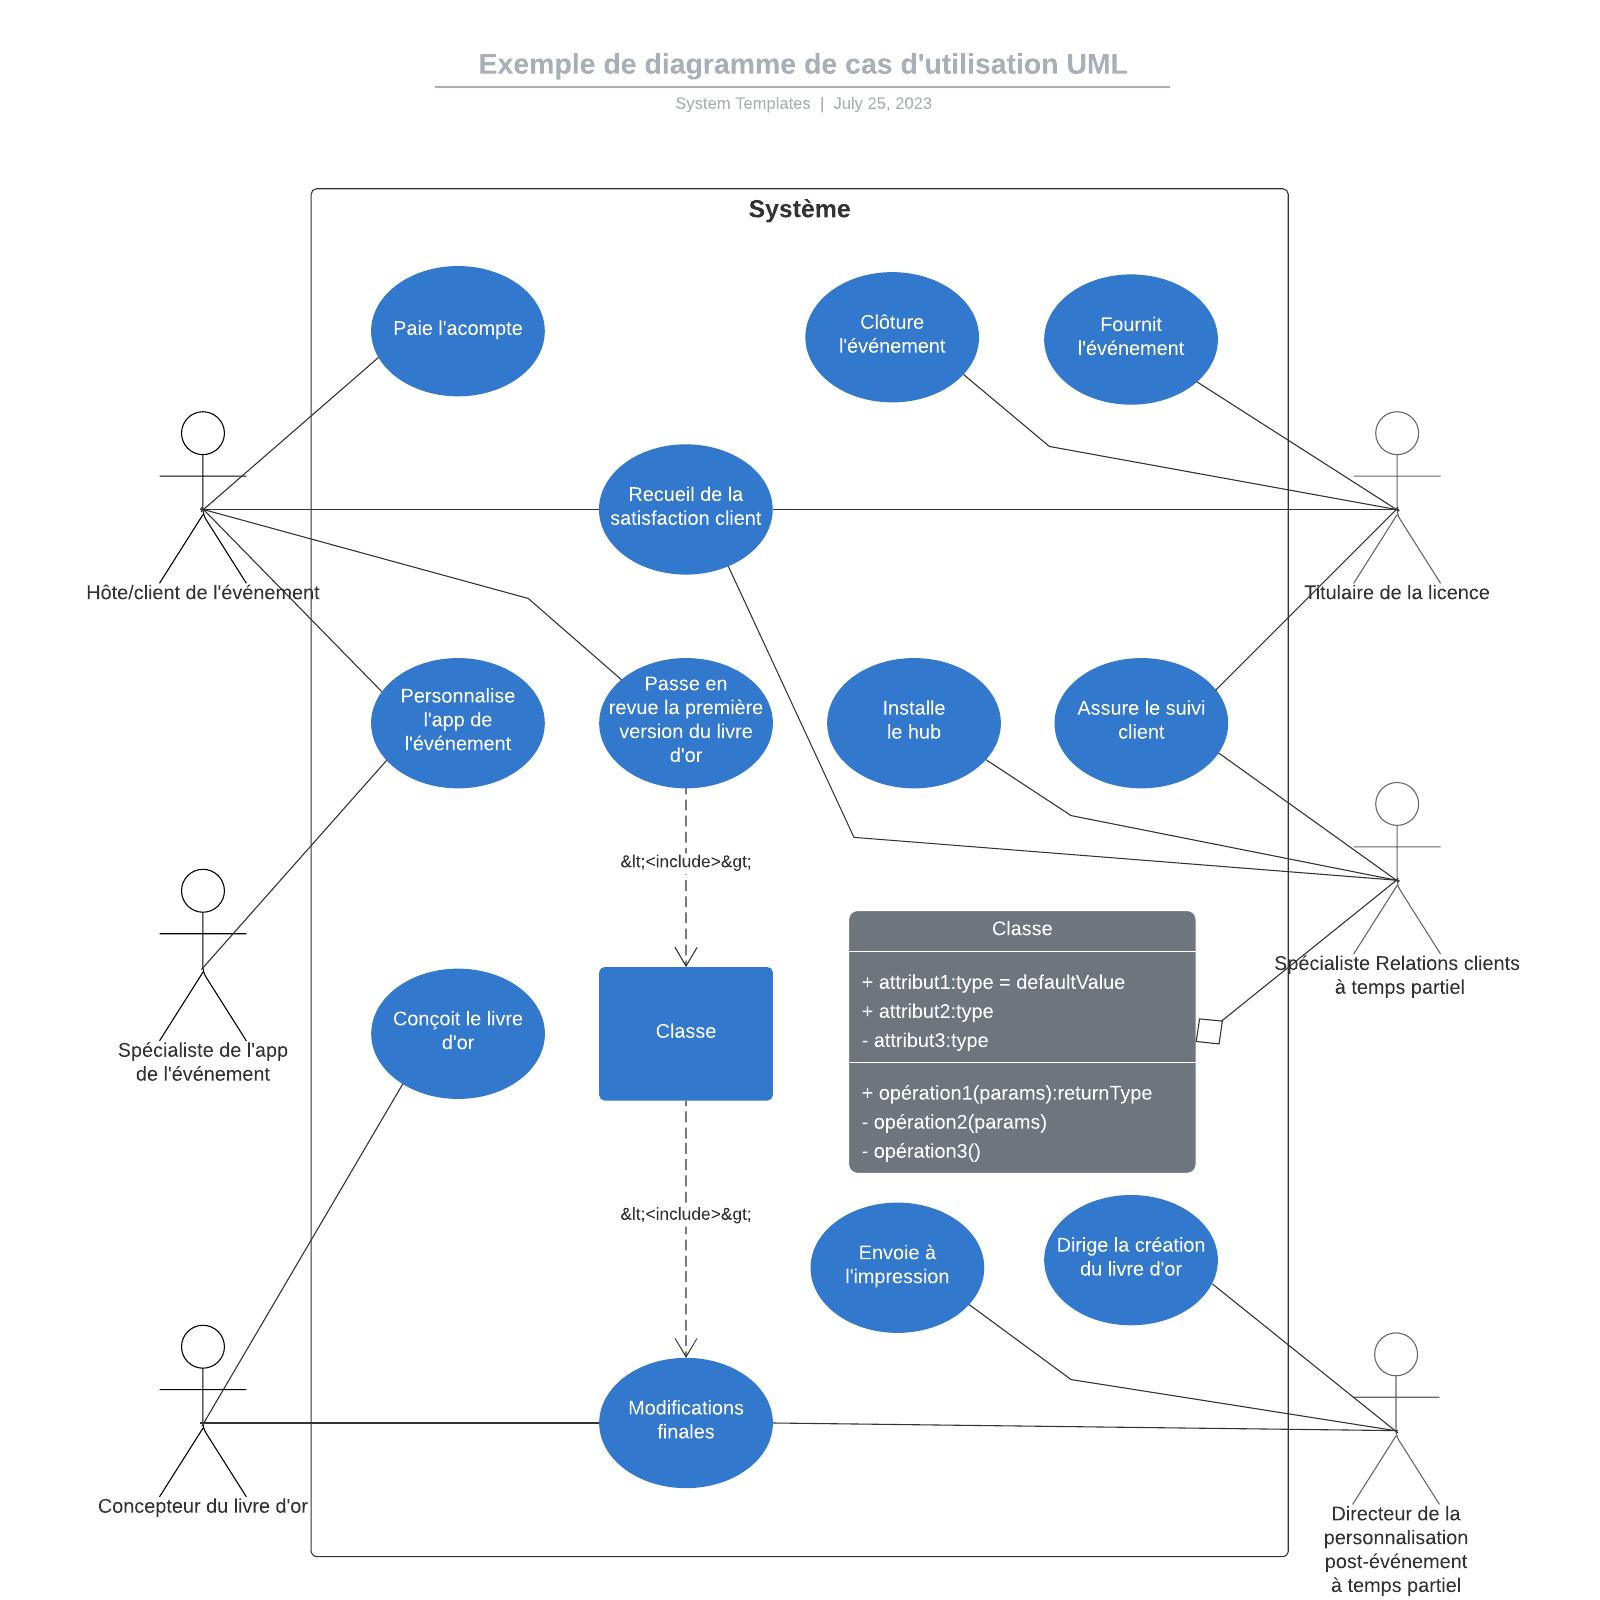 exemple de diagramme de cas d'utilisation pour un événement 1